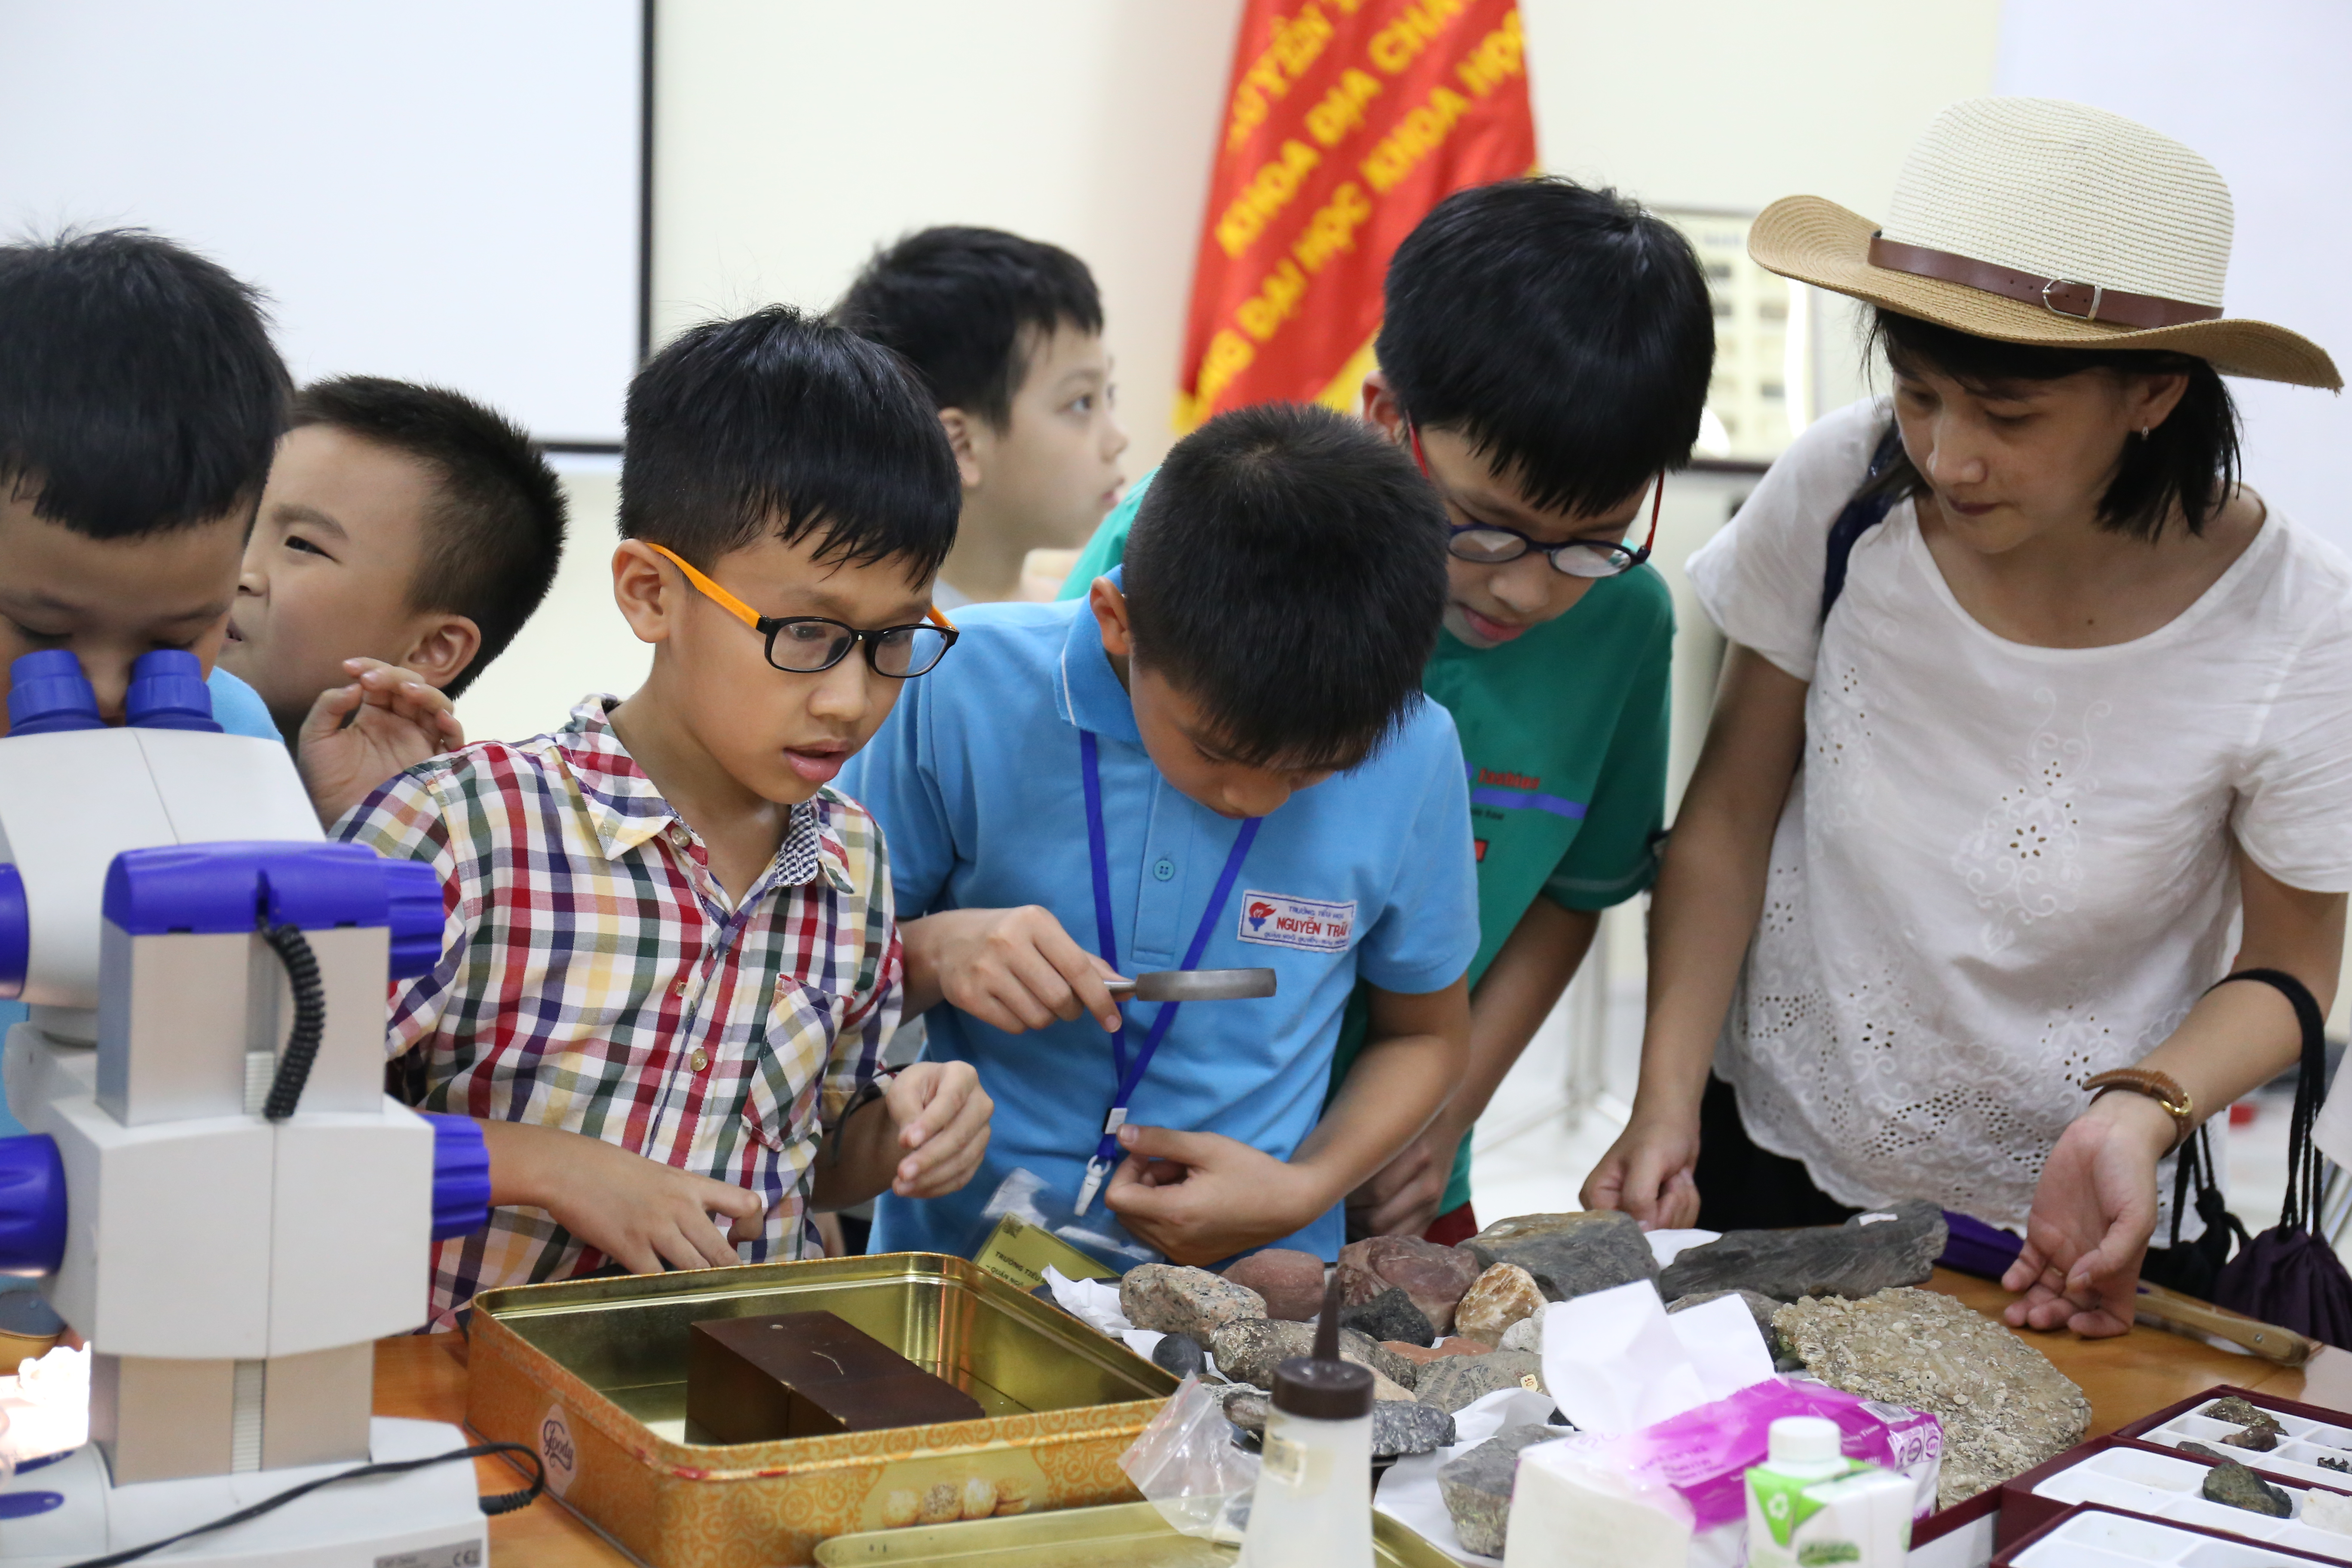 LabTour tham quan bảo tàng địa chất, trường ĐH Khoa học tự nhiên, ĐHQGHN | Ảnh: Ngô Hà